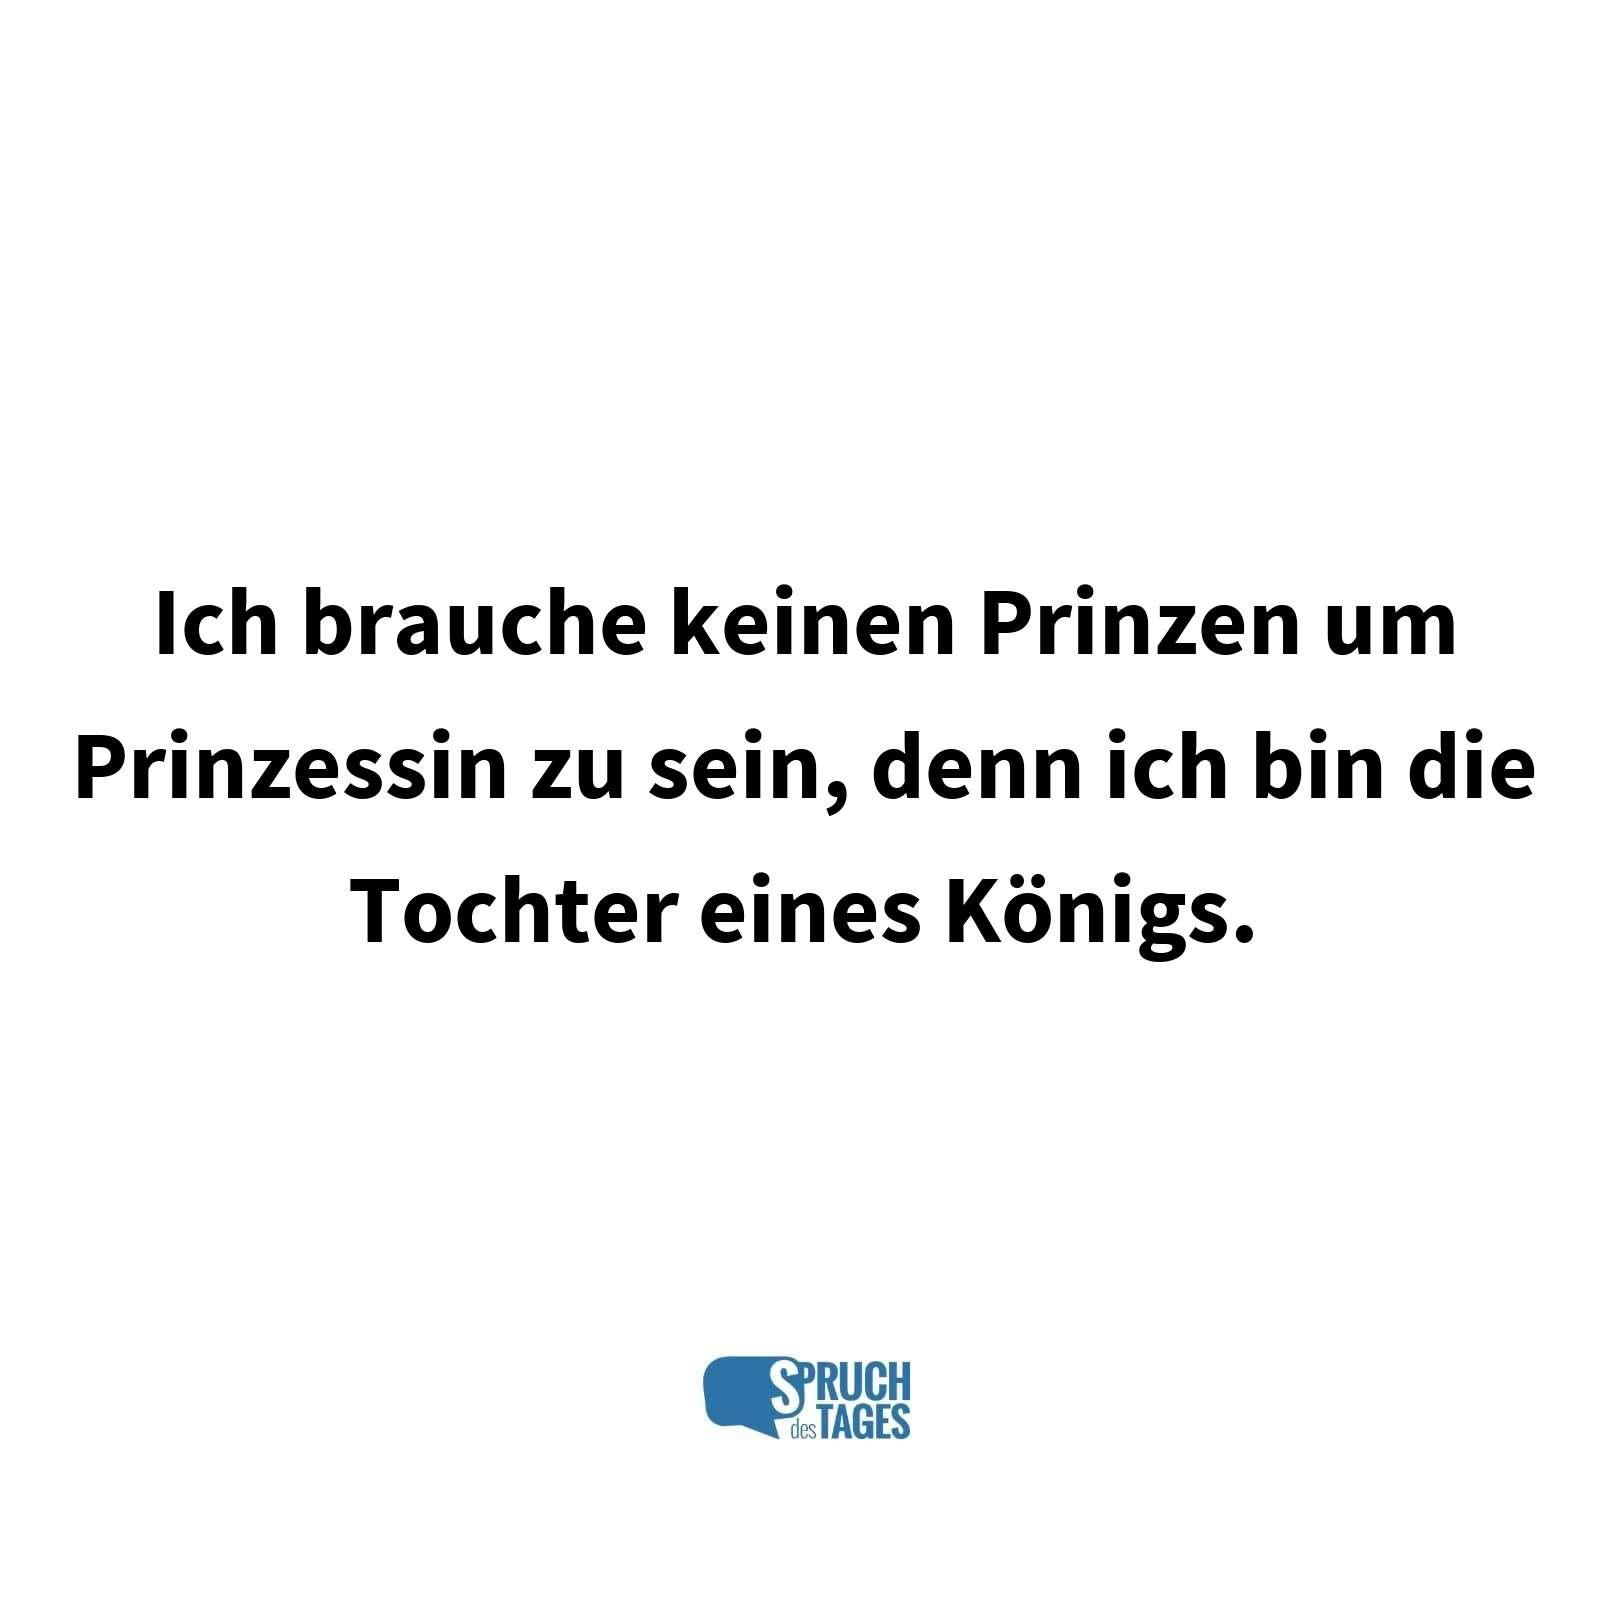 vater sprüche englisch Ich brauche keinen Prinzen um Prinzessin zu sein, denn ich bin die  vater sprüche englisch